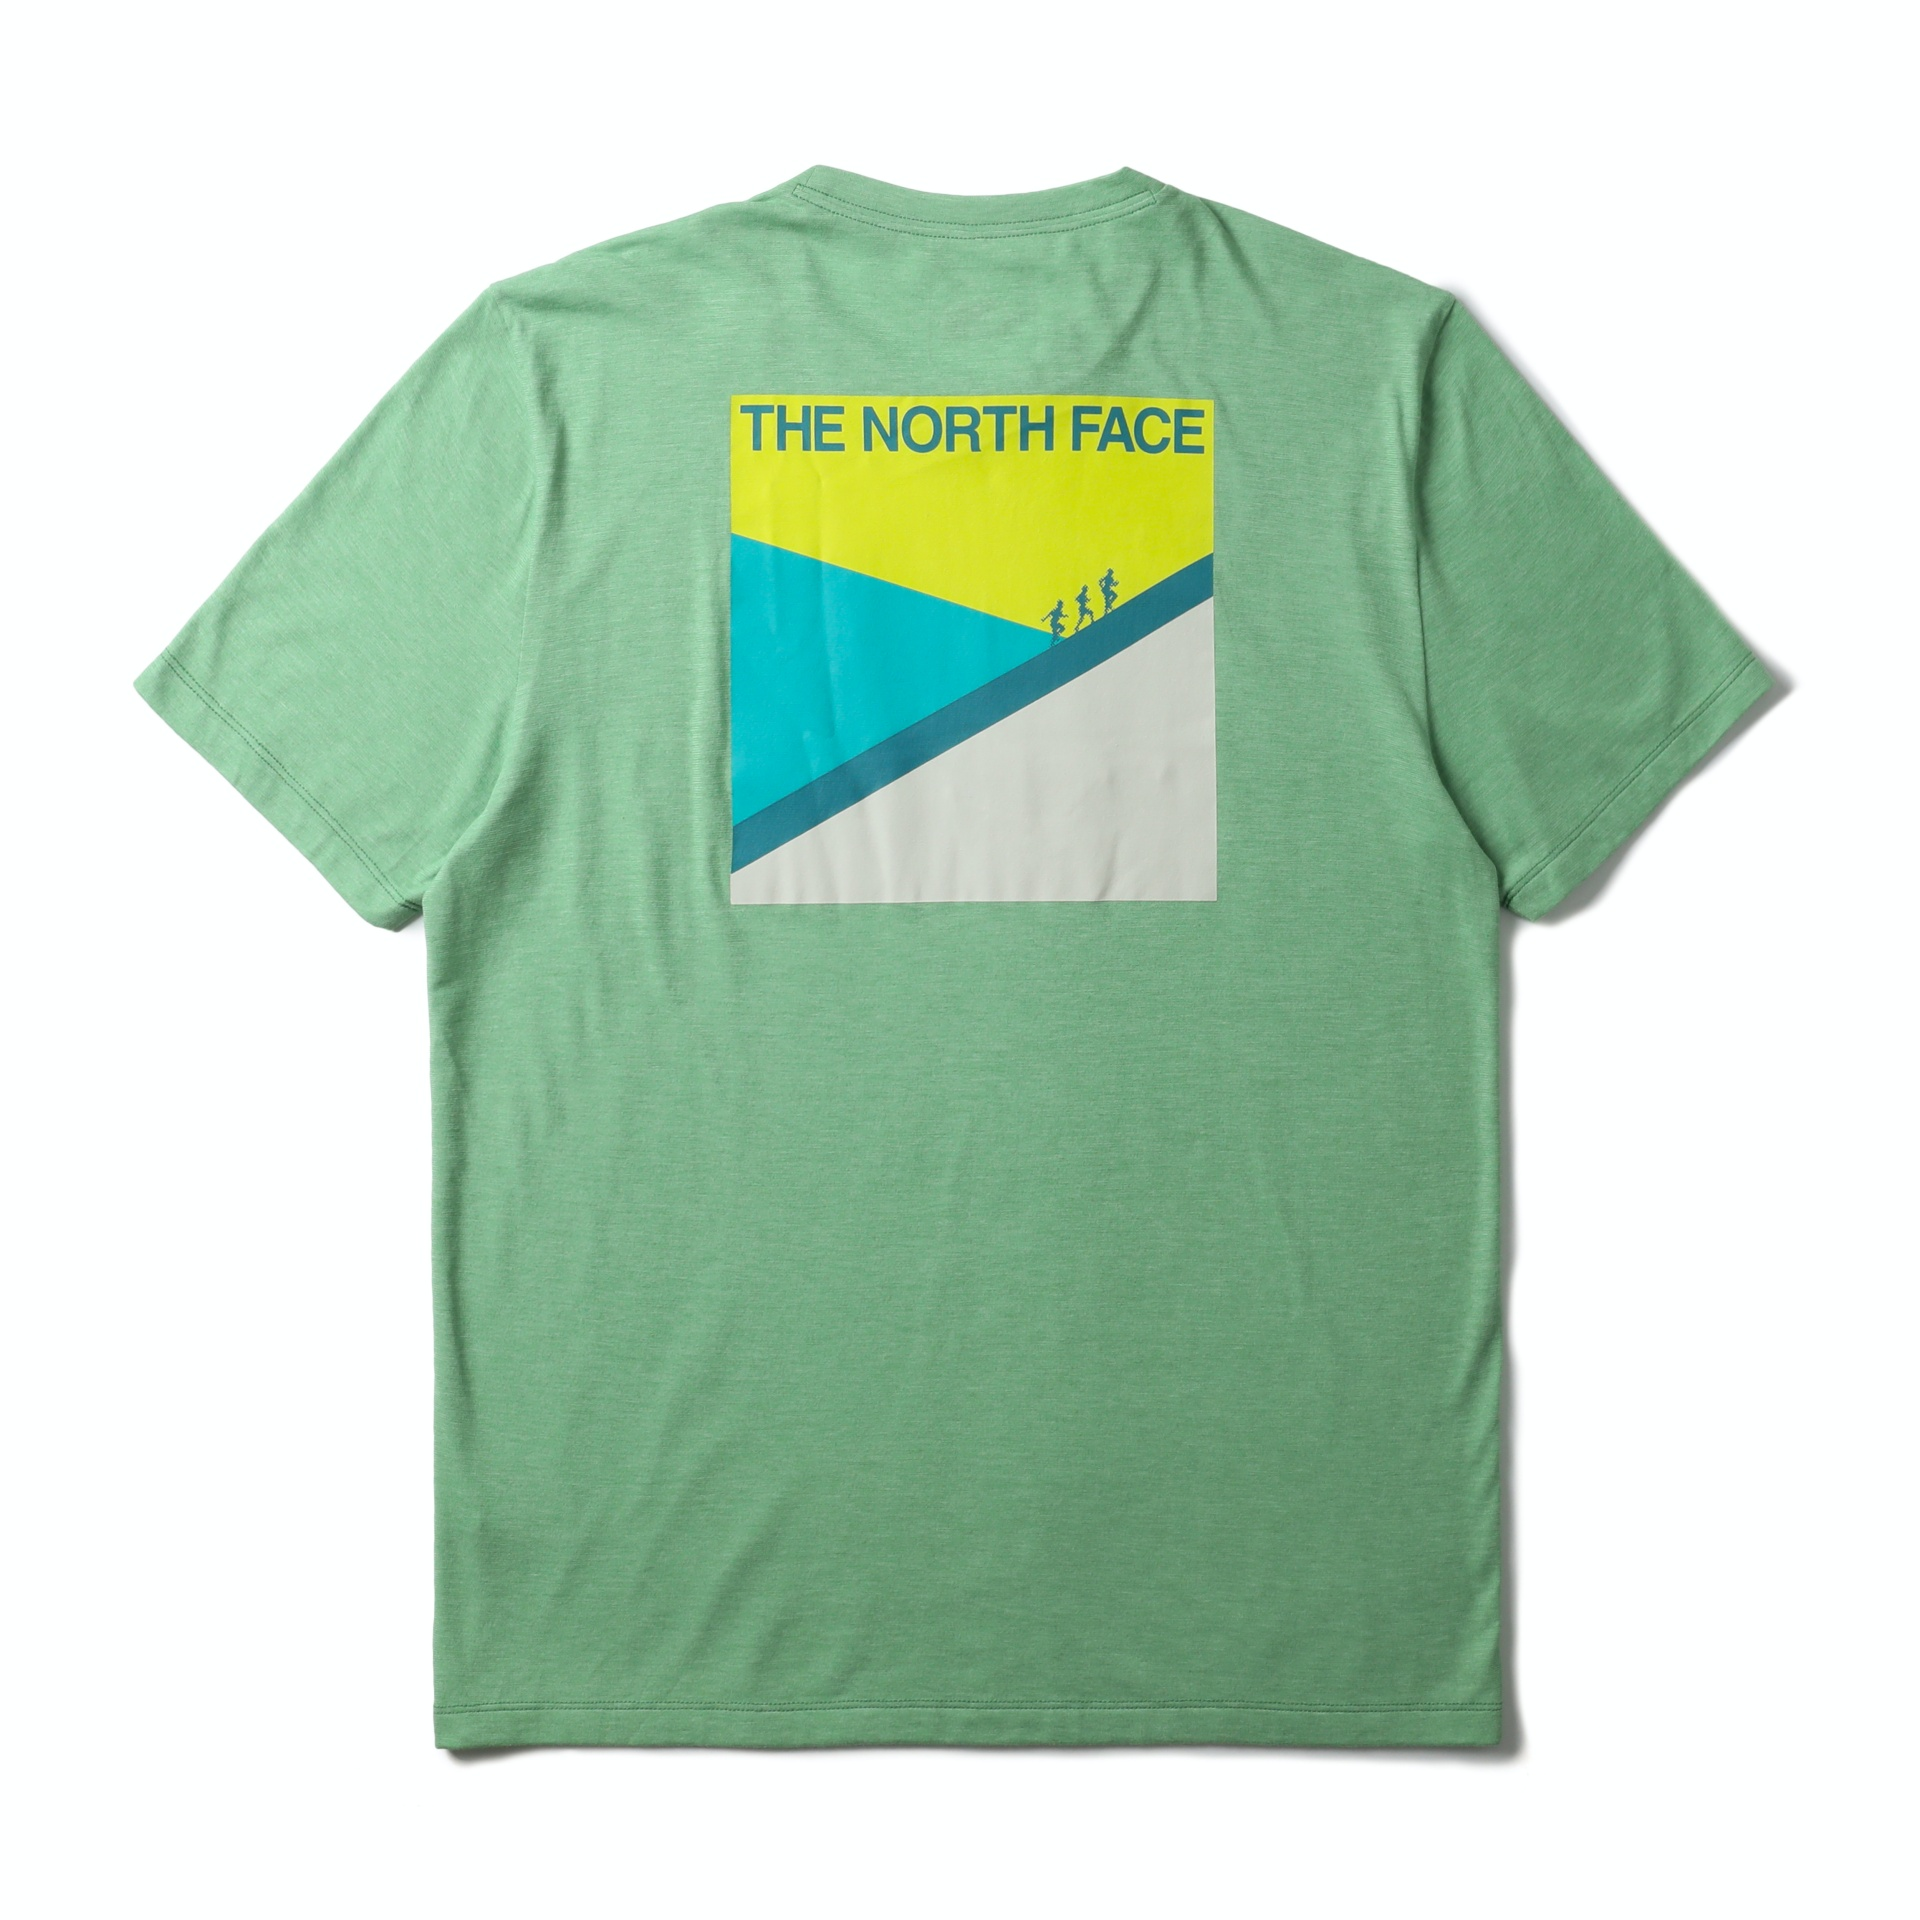 重启步伐再投山系 !THE NORTH FACE 全新IP「chappie」 伴你探索夏季! - 宅男圈